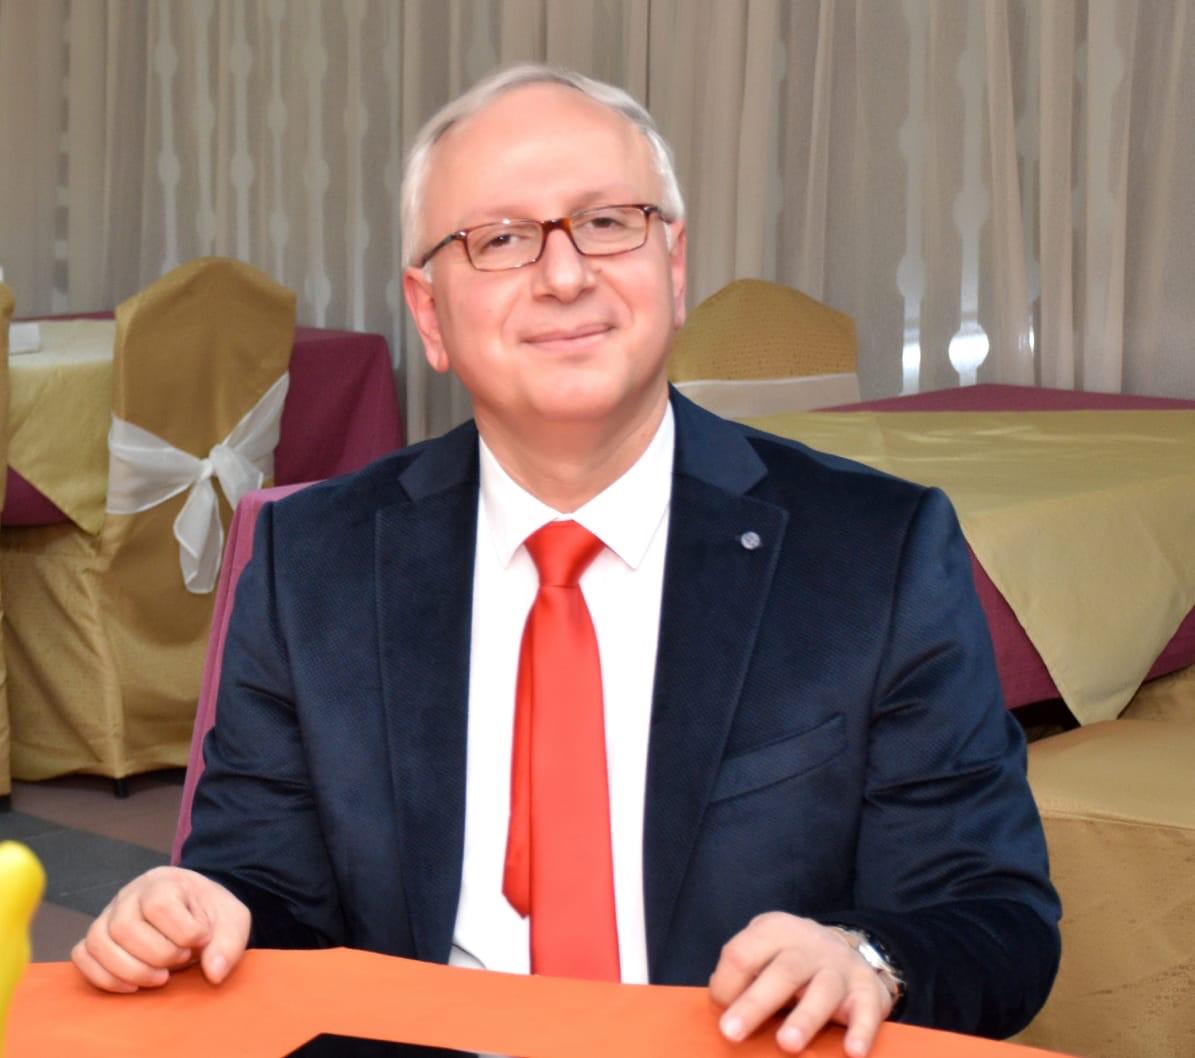 Abdel Hakim Al Husban